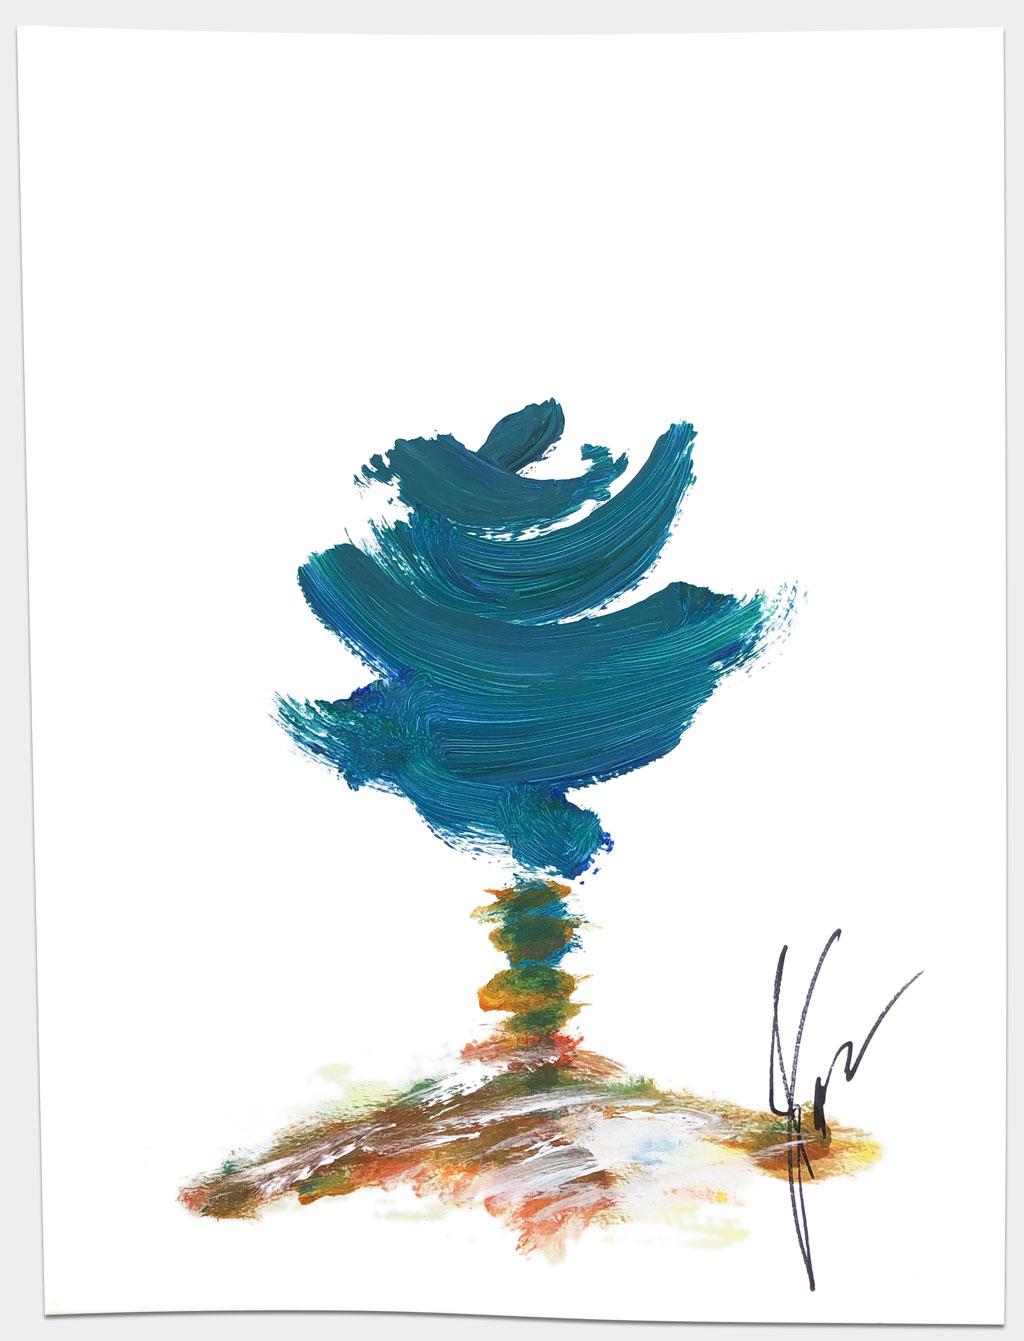 """Brandner, Michael, """"Ohne Titel"""", 49x36 cm, Acryl auf Papier"""